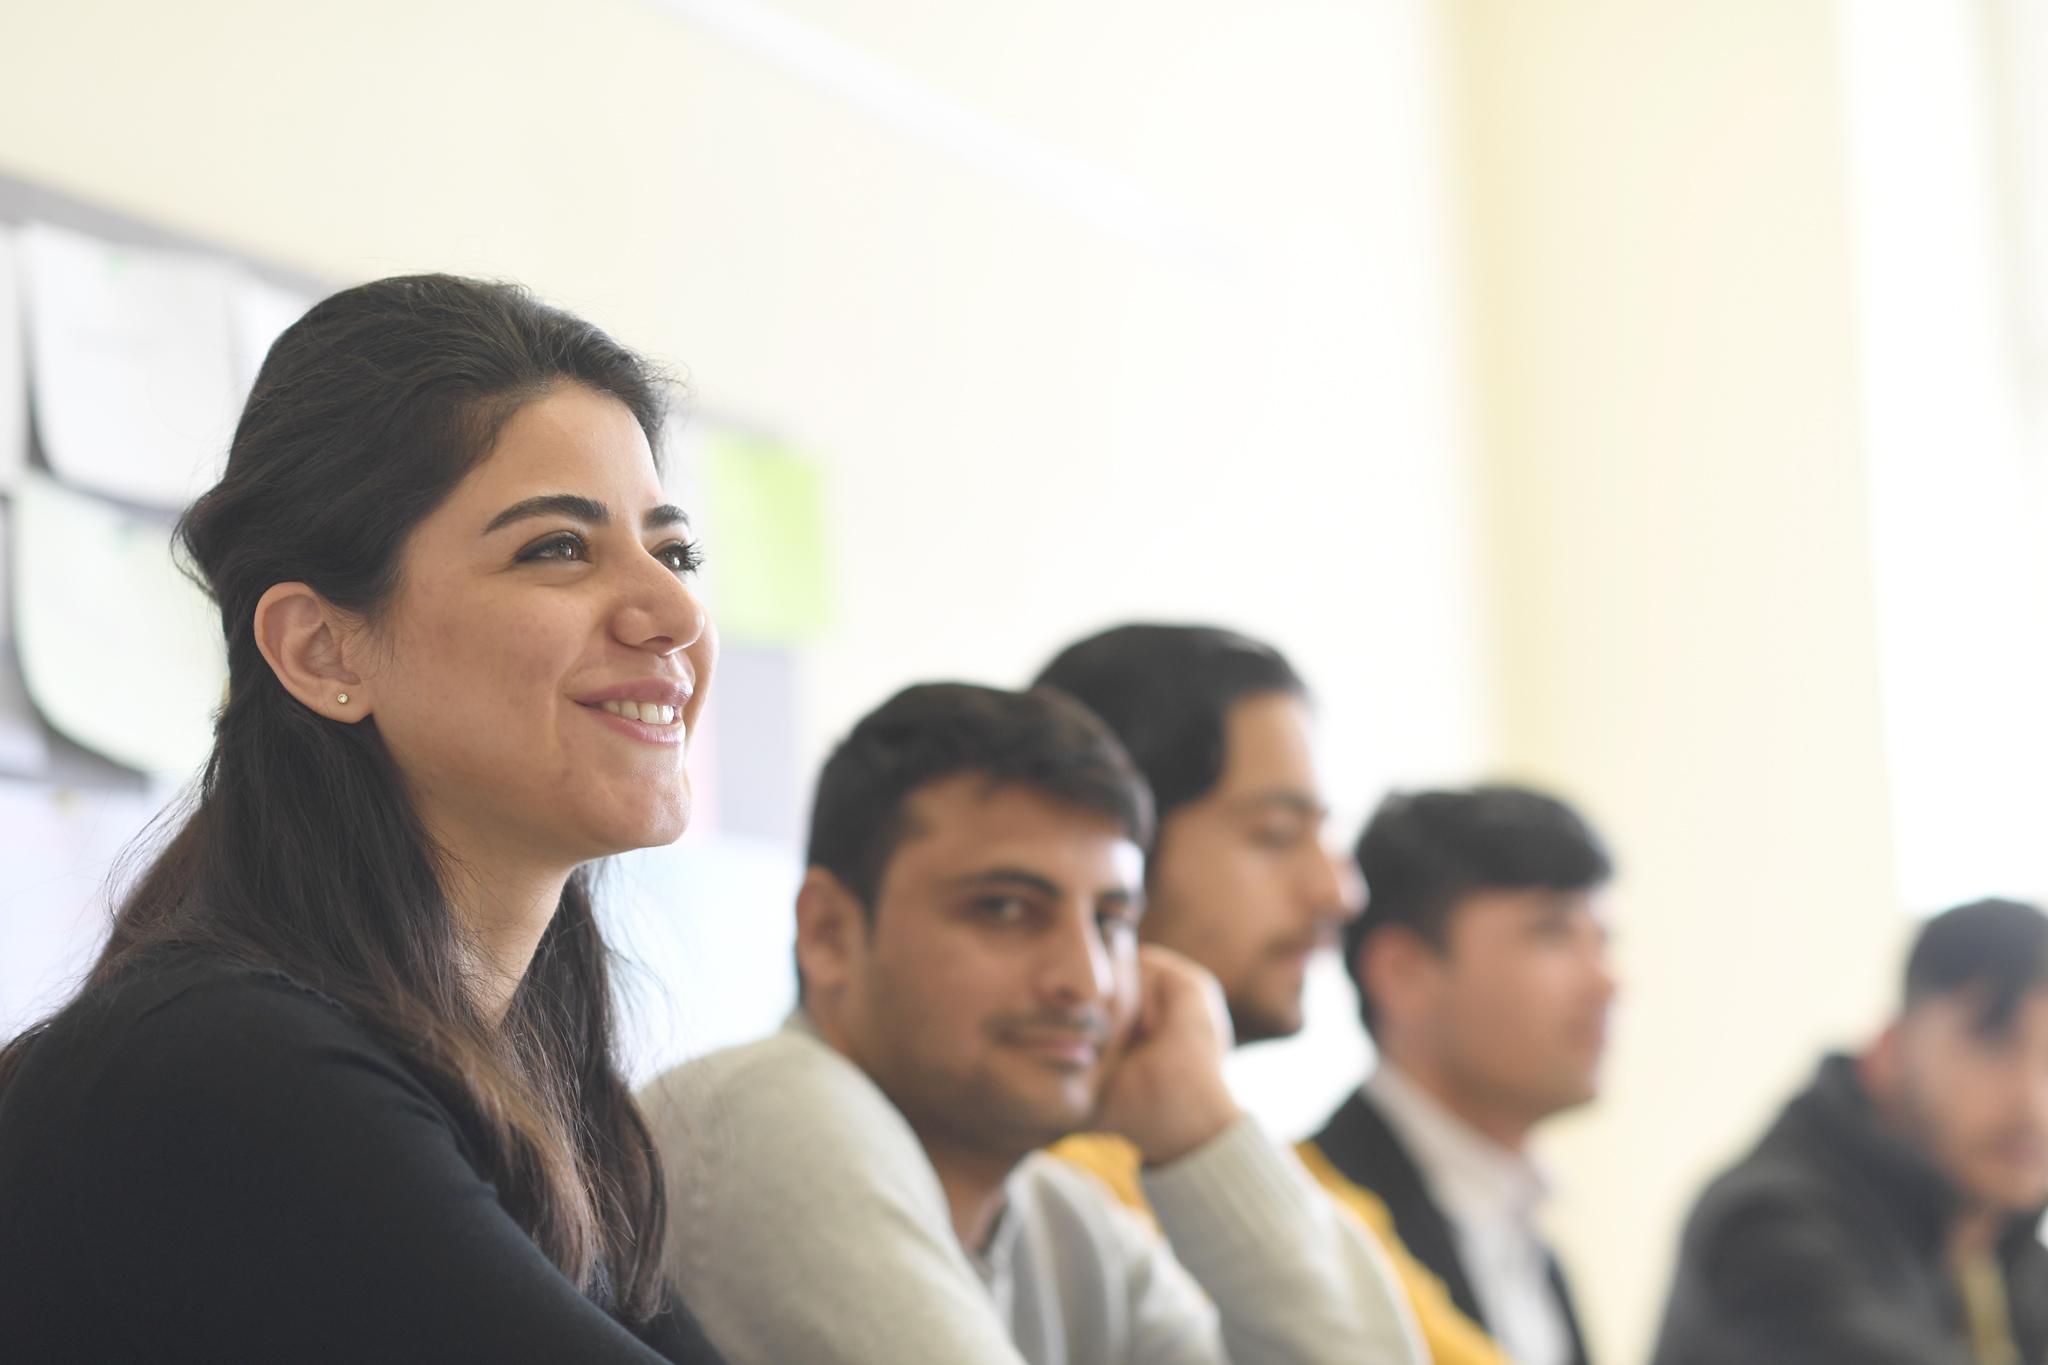 حلقة معلومات حول شغل أوقات الفراغ في فيينا (باللغة الفارسية/الدرية)